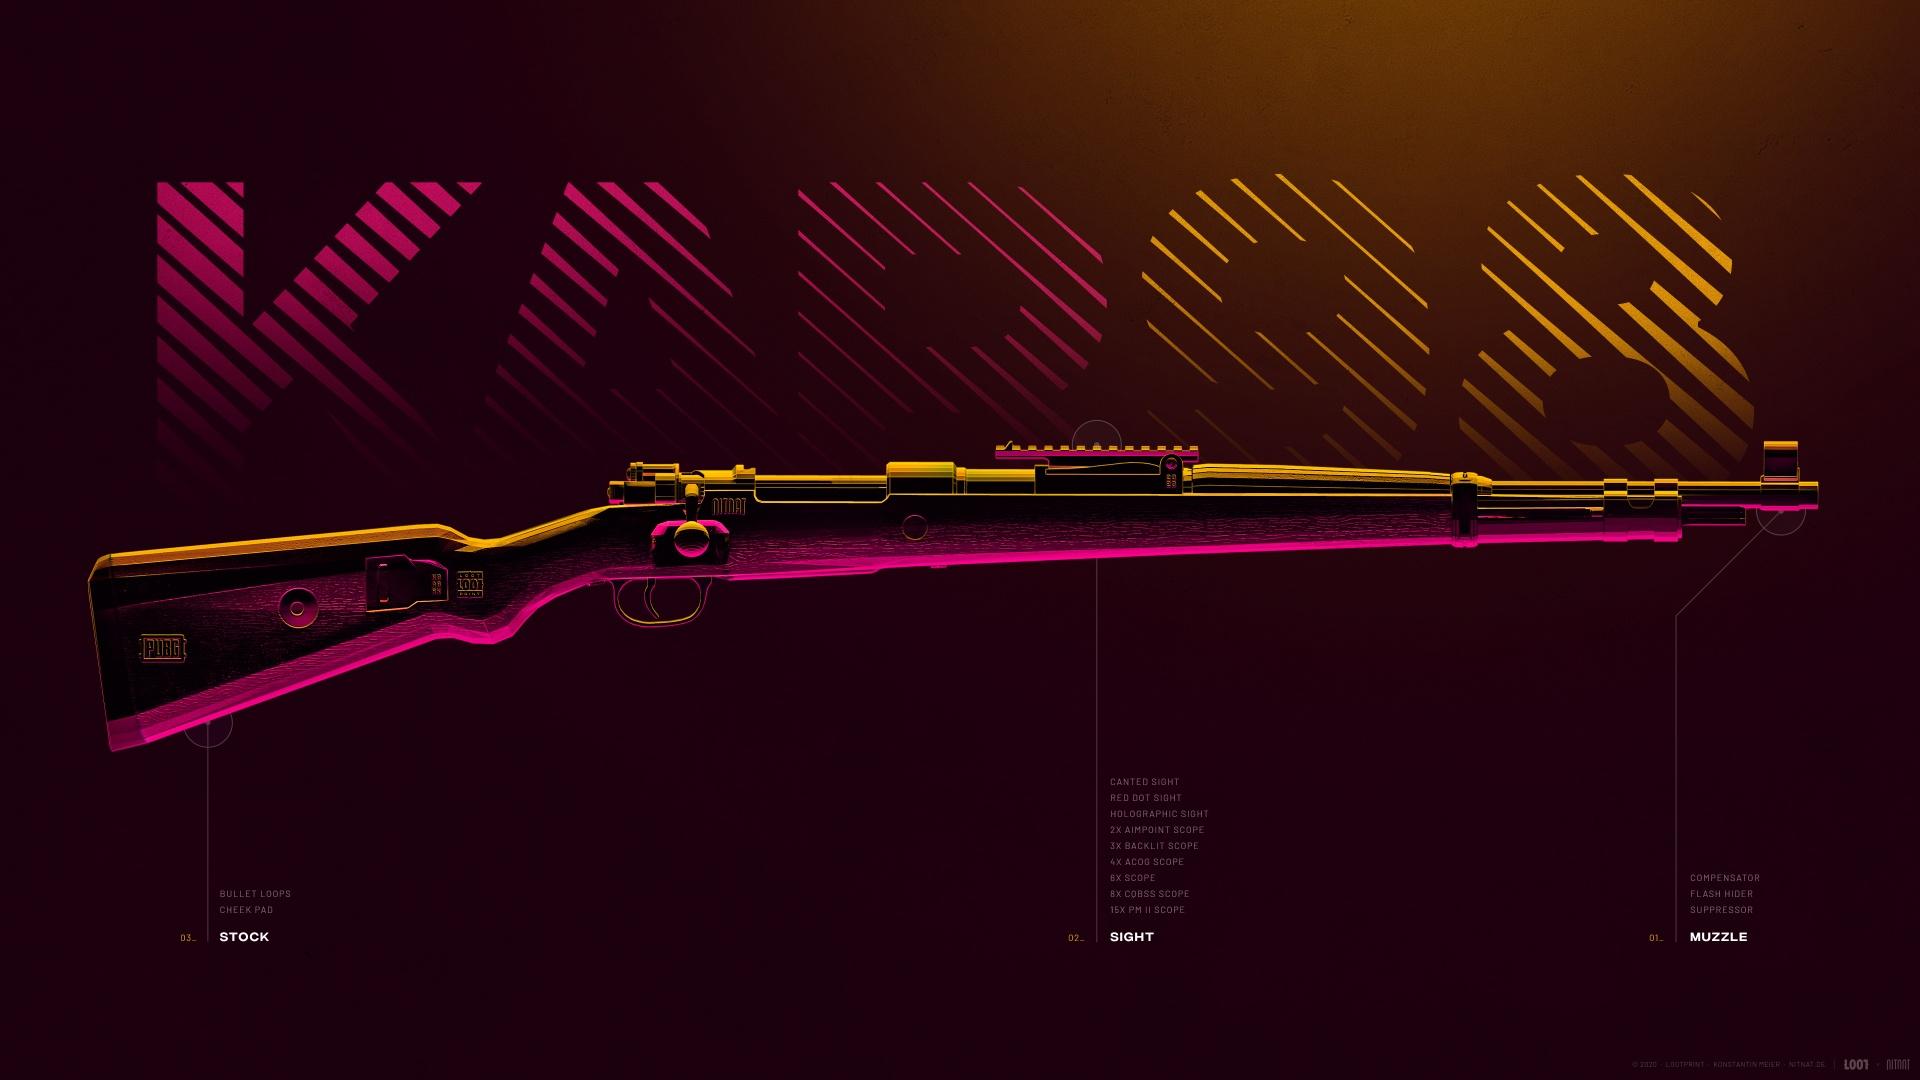 Kar98 4k Wallpaper Sniper Rifle Pubg Mobile Playerunknown S Battlegrounds Games 3081